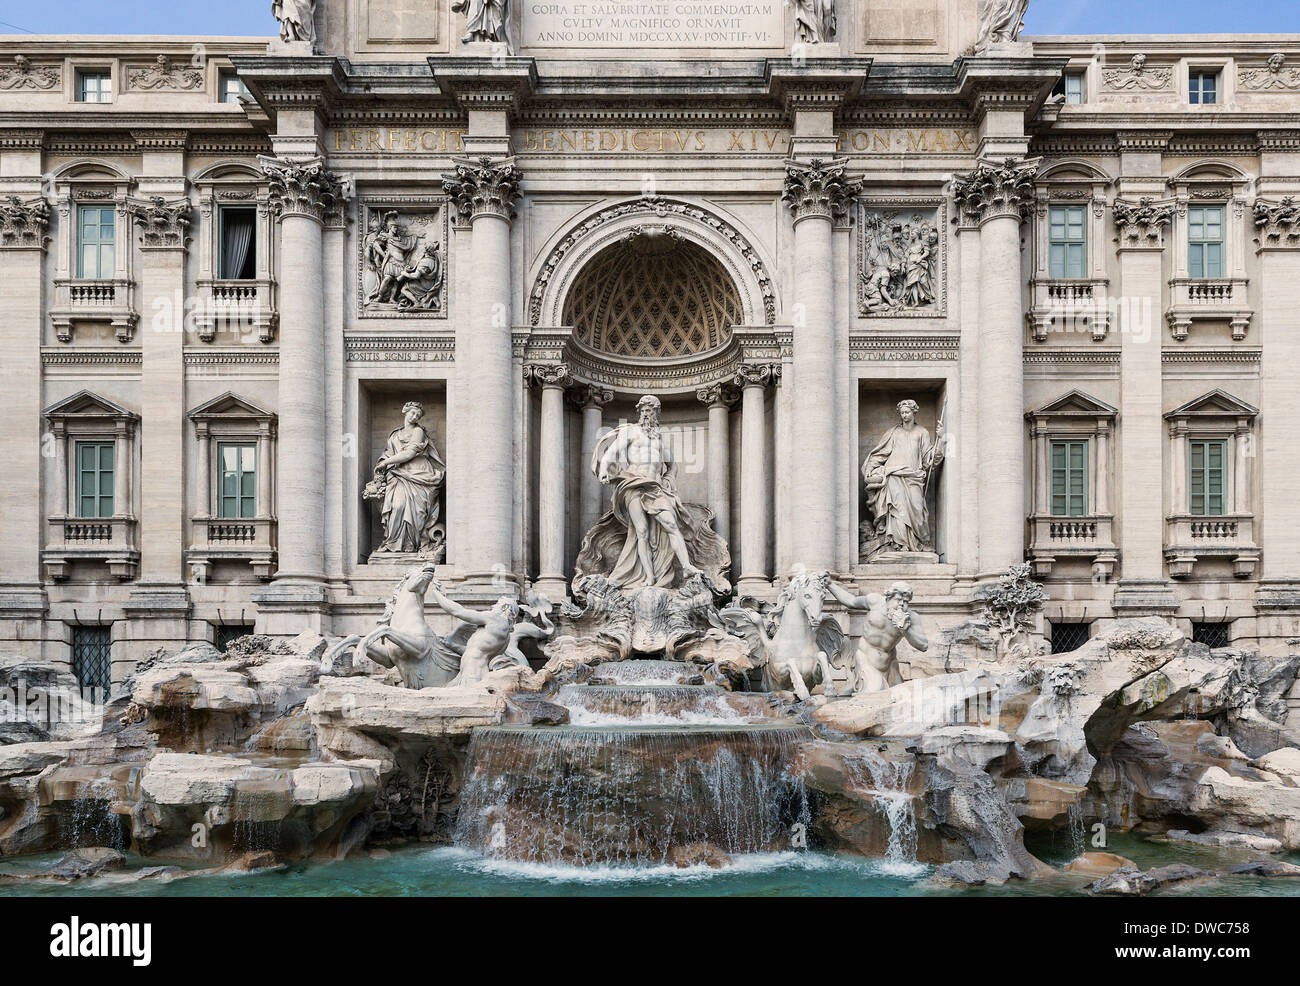 I turisti si riuniscono per ammirare la Fontana di Trevi, Roma, Italia Immagini Stock